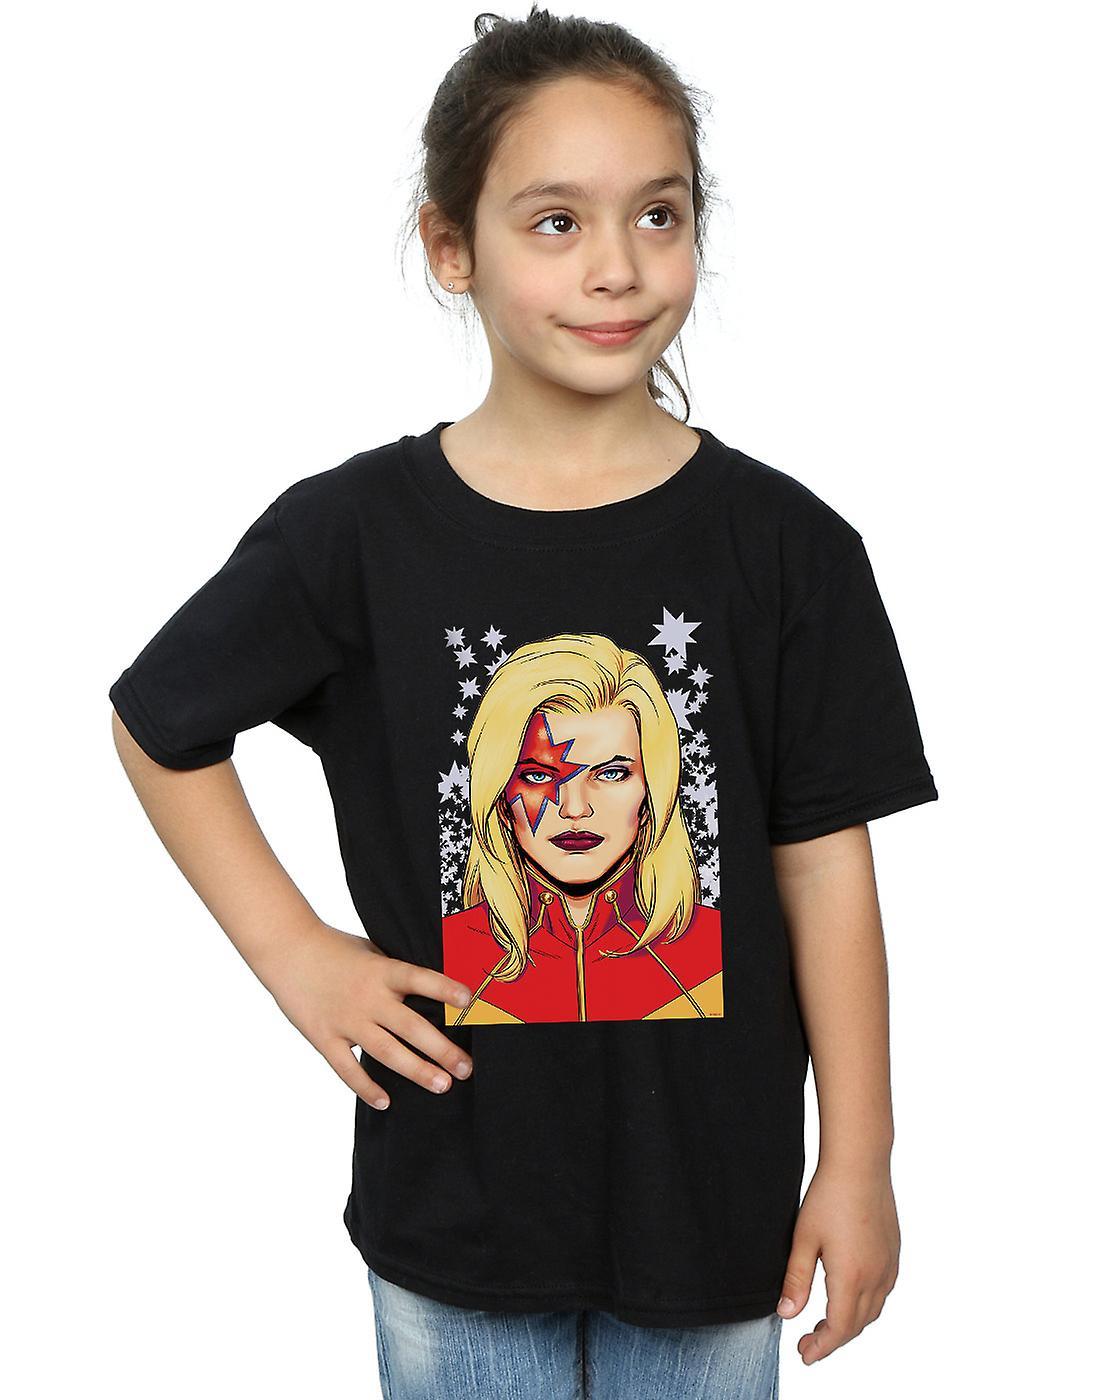 Marvel Girls Captain Marvel Glam T-Shirt